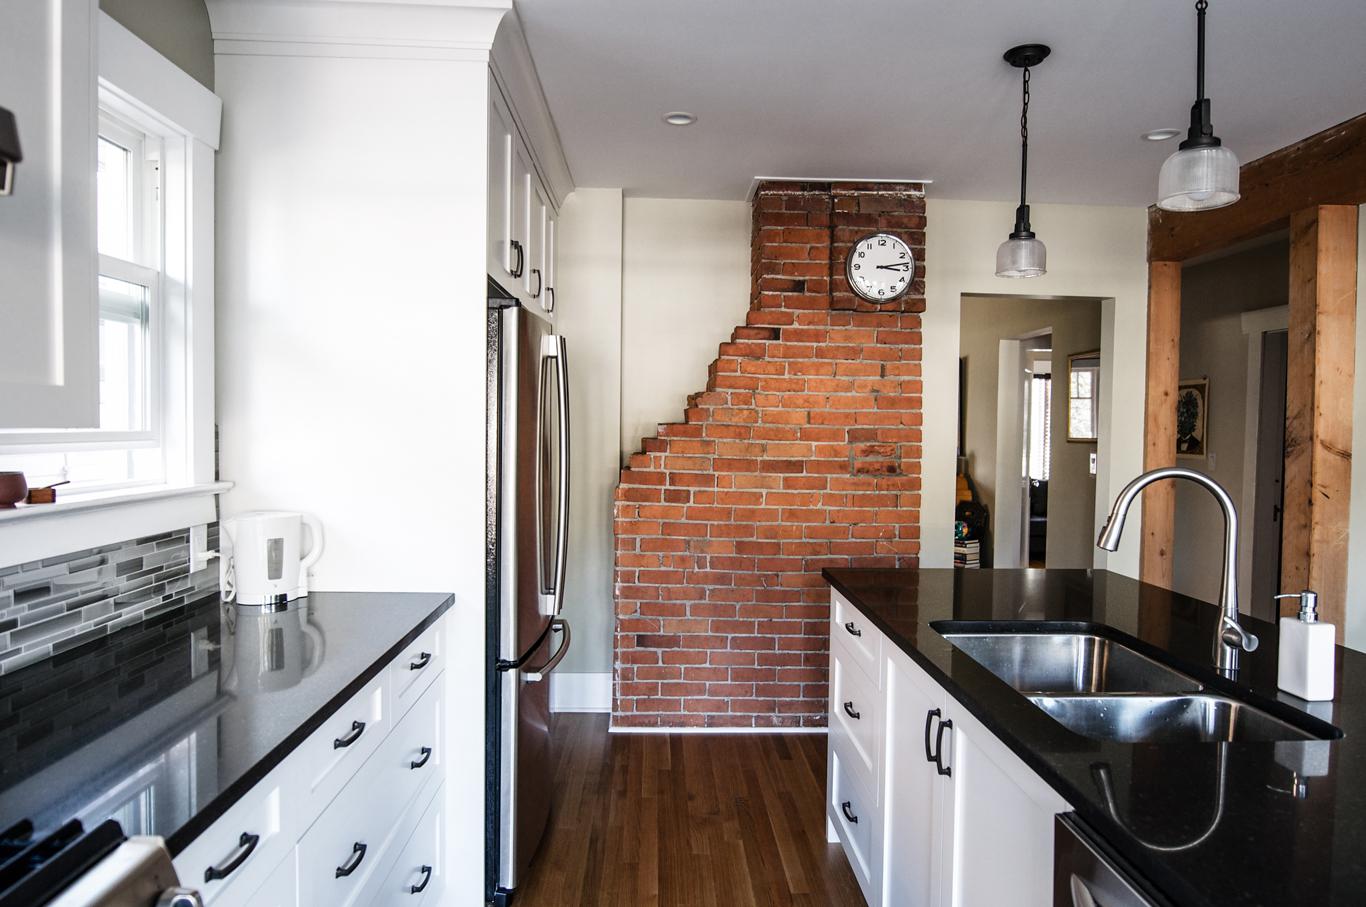 Wilson Kitchen - Modern and elegantly nostalgic -The timeless brick chimney highlights this kitchen renovation.